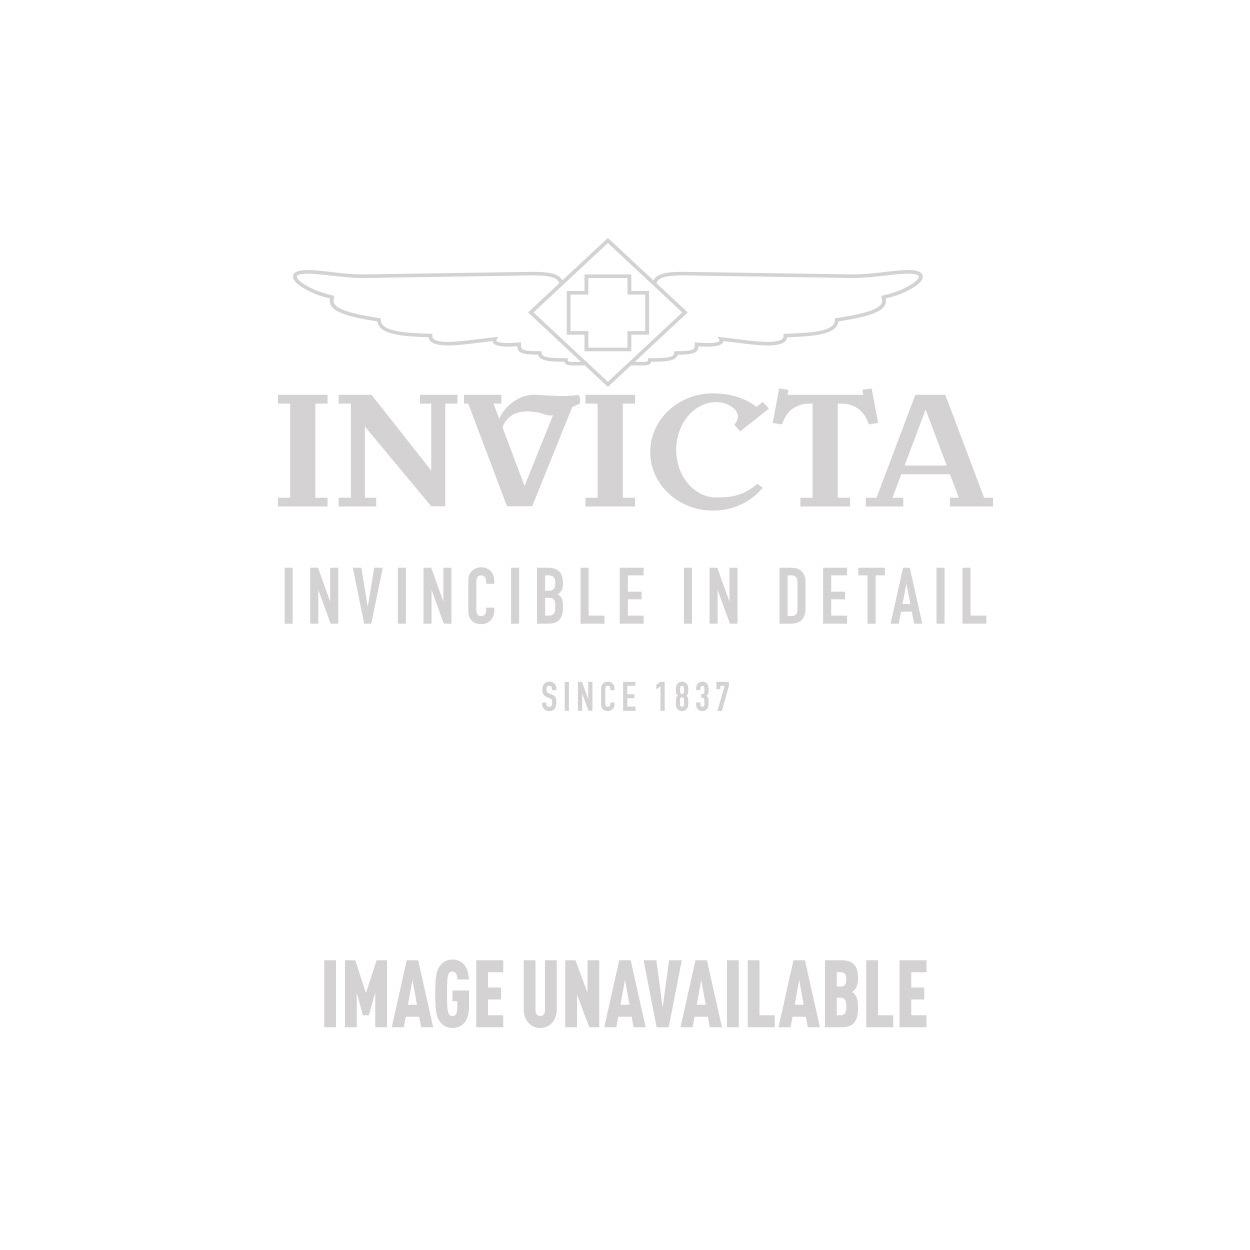 Invicta Model 26953